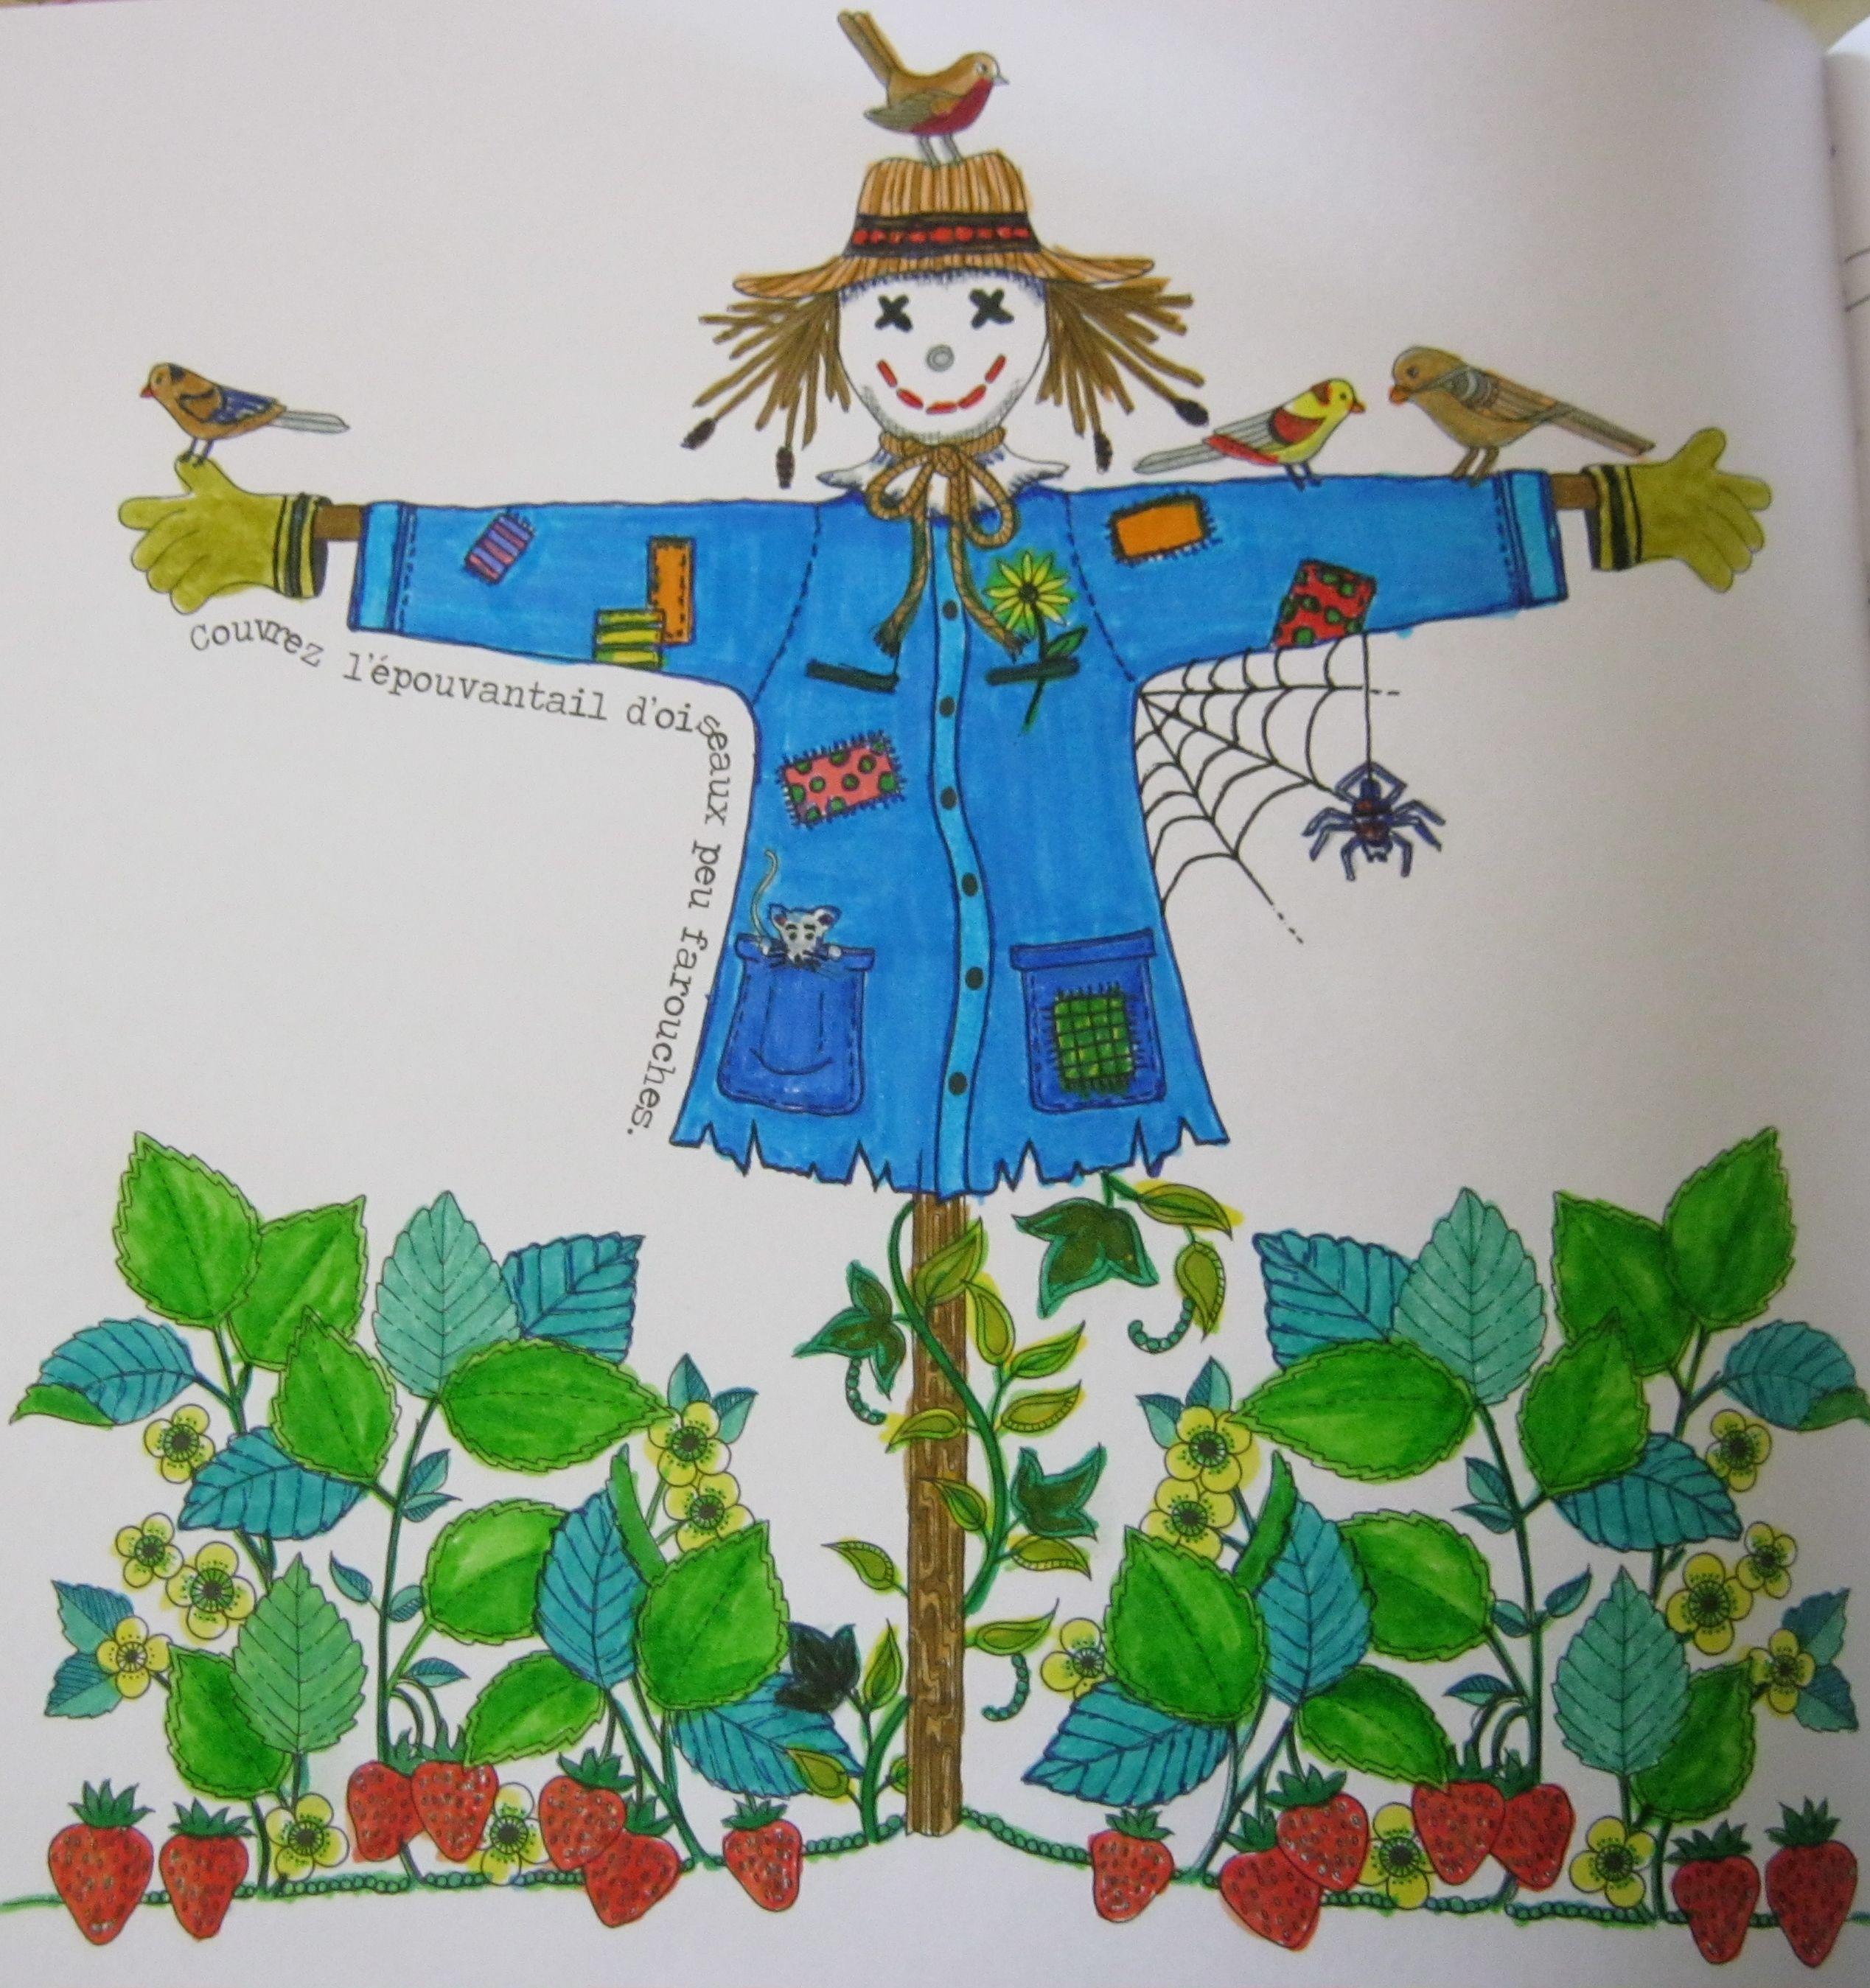 Mon pouvantail de jardin secret mes quelques bricoles - Mon jardin secret coloriage ...